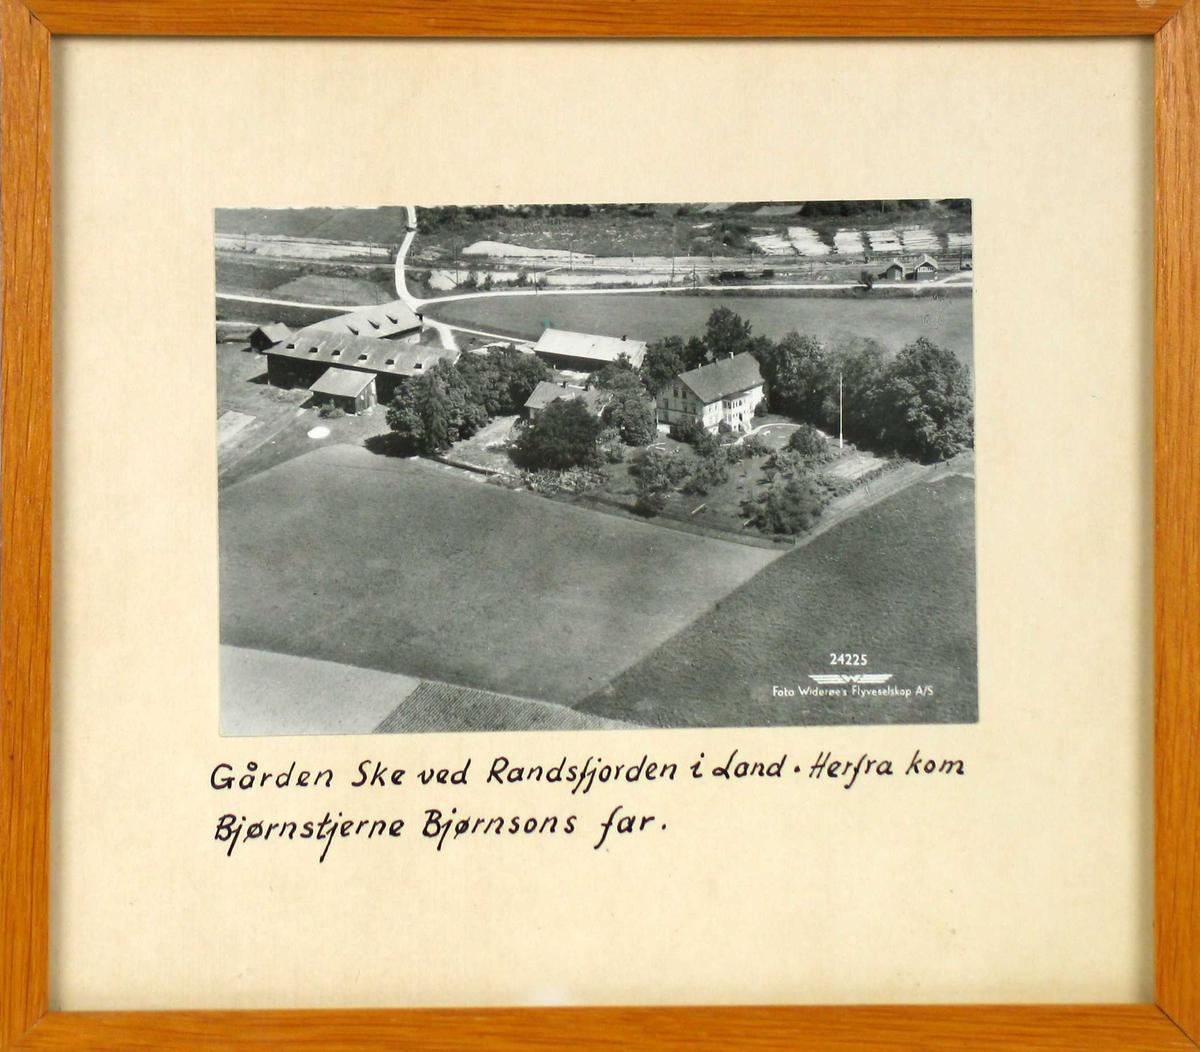 Flyfoto over en gård med omkringliggende jorder.